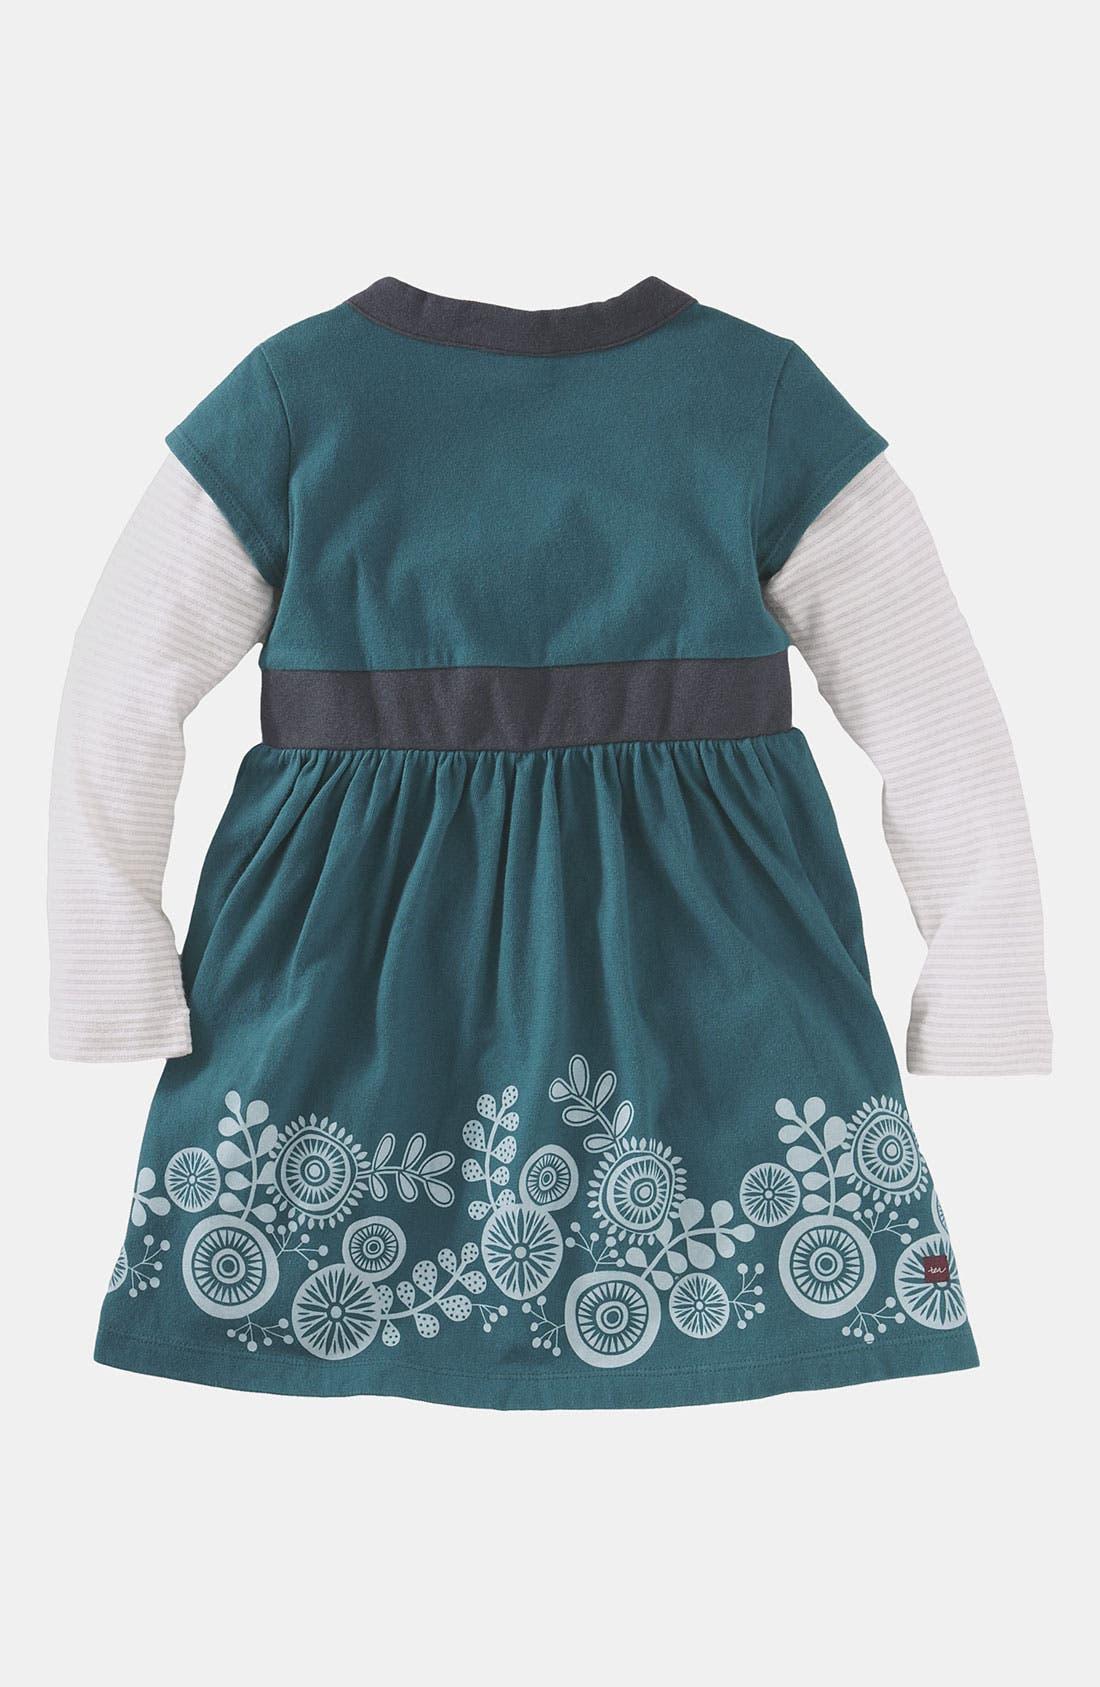 Alternate Image 2  - Tea Collection 'Pinwheel' Layered Sleeve Dress (Toddler)